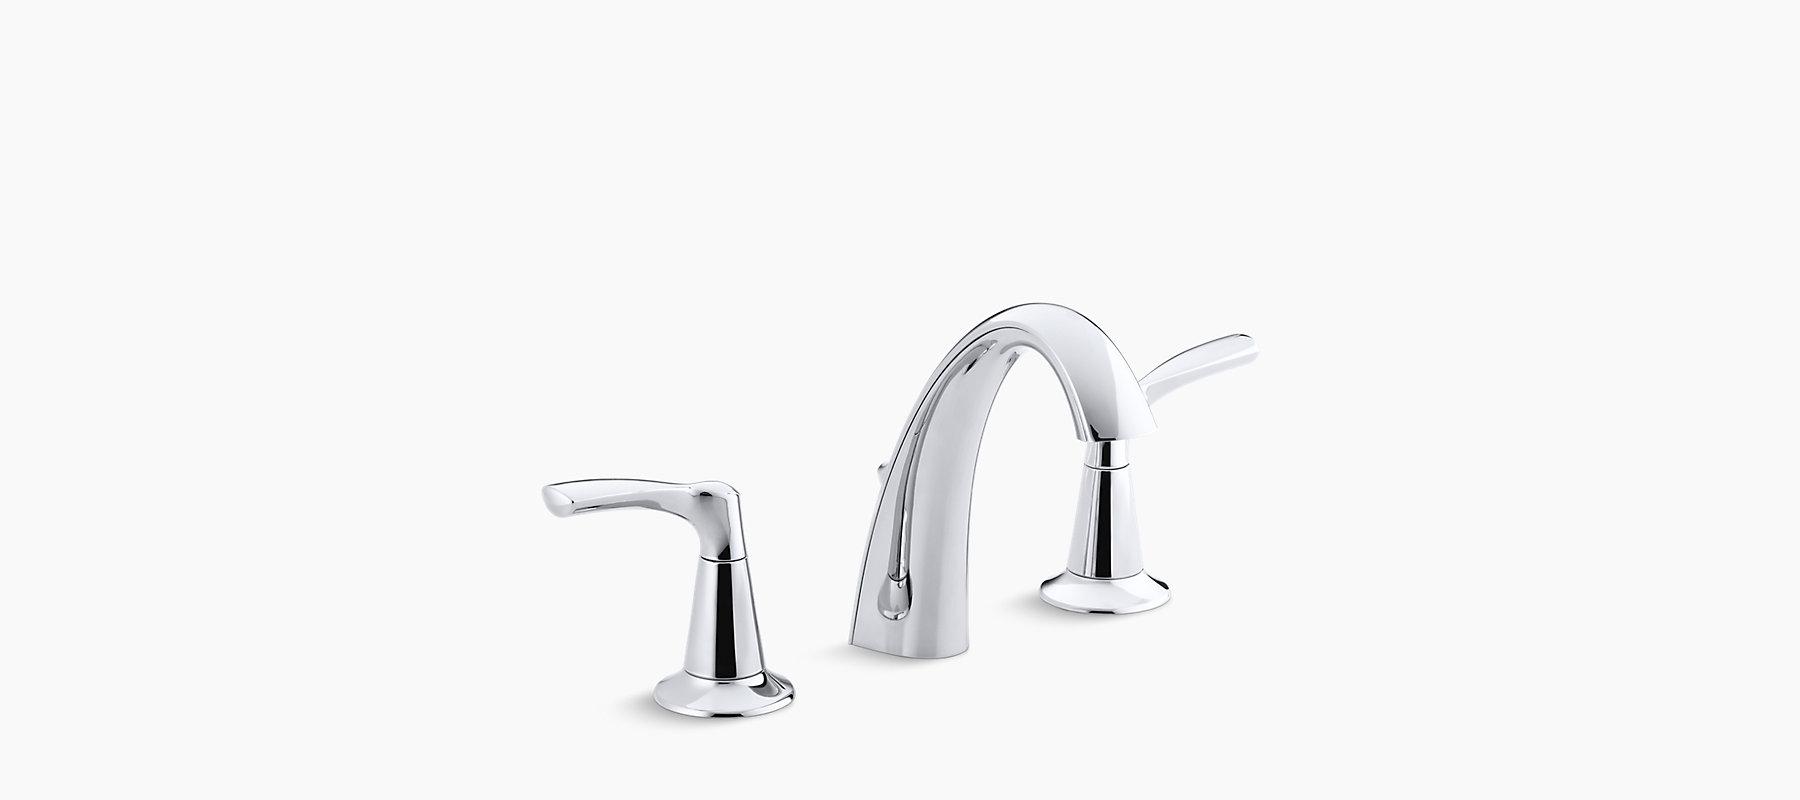 K r37026 4d mistos widespread bathroom sink faucet kohler - Discontinued kohler bathroom sink faucets ...